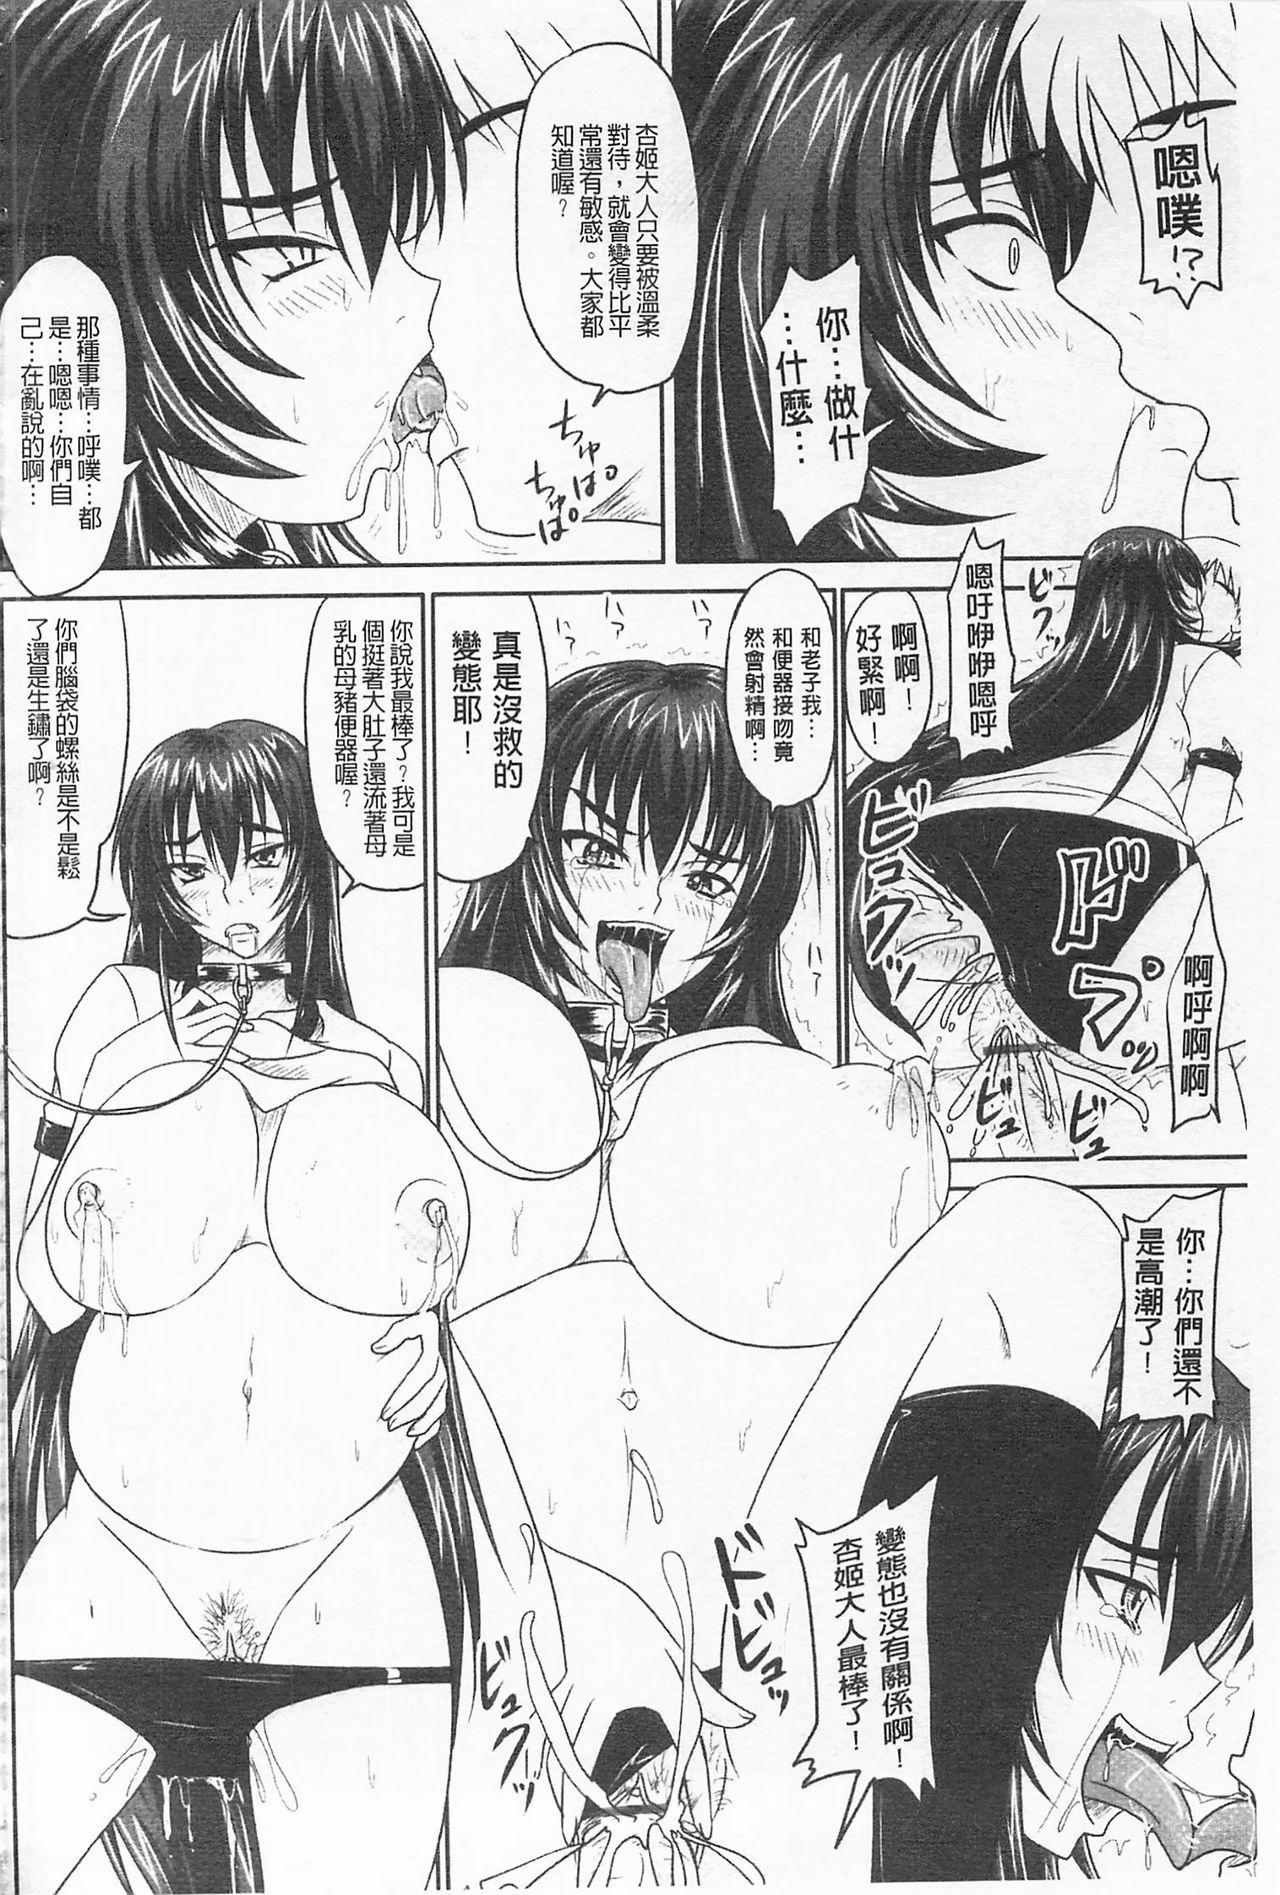 [Nozarashi Satoru] Do S na Hime wa Kegasareru -Inga no Shou- | 超S的公主被玷汙了 ~因果之章~ [Chinese] 170